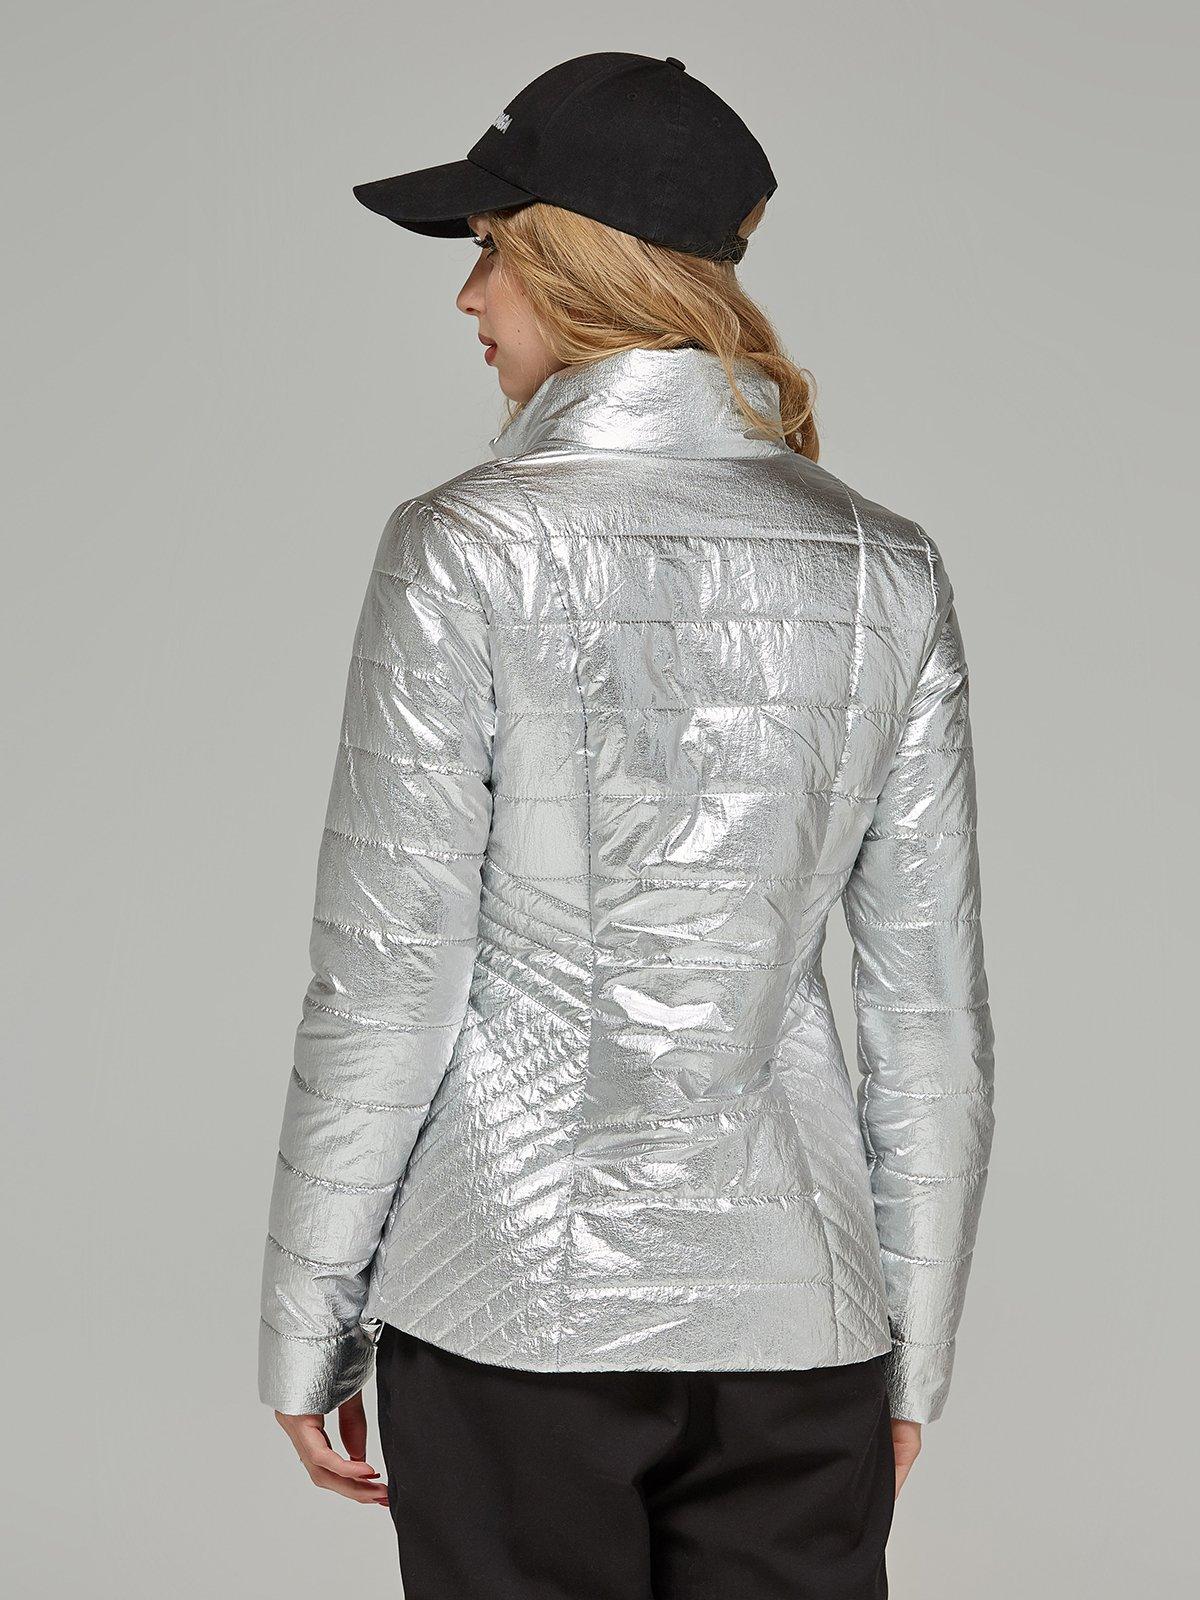 Куртка срібляста | 4052182 | фото 2